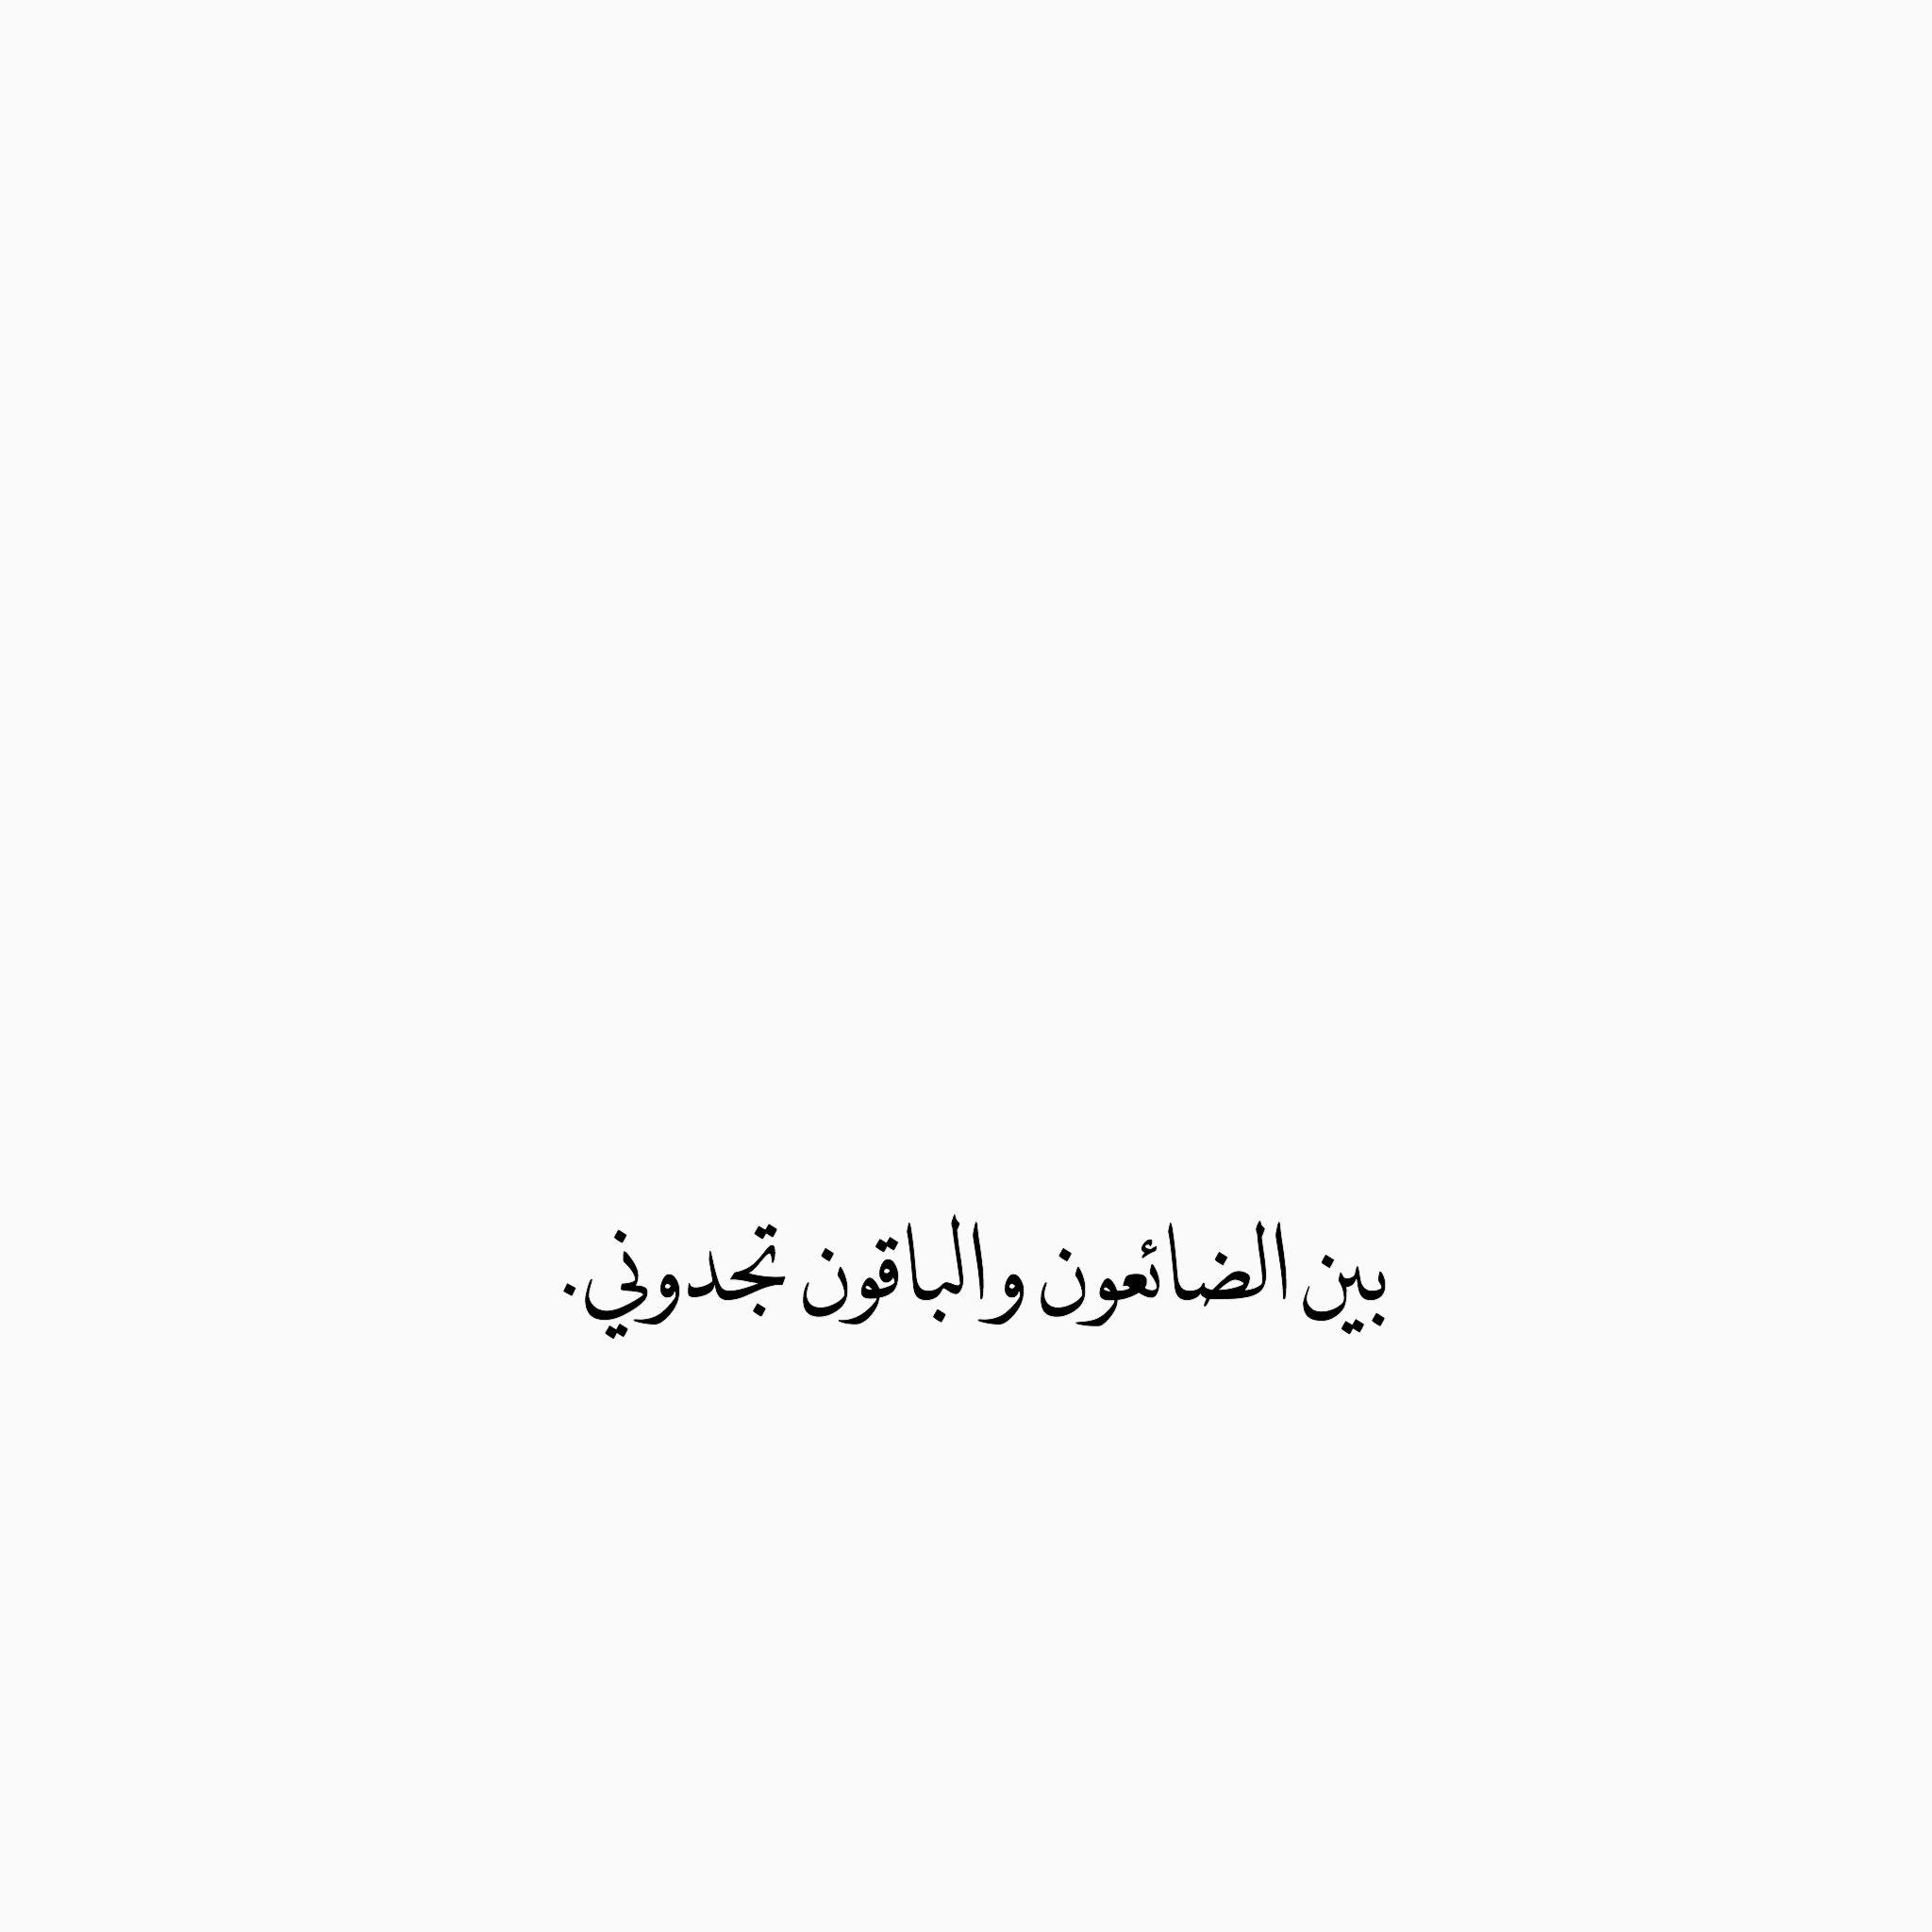 هيدارت Beautiful Quotes Words Quotes Islamic Quotes